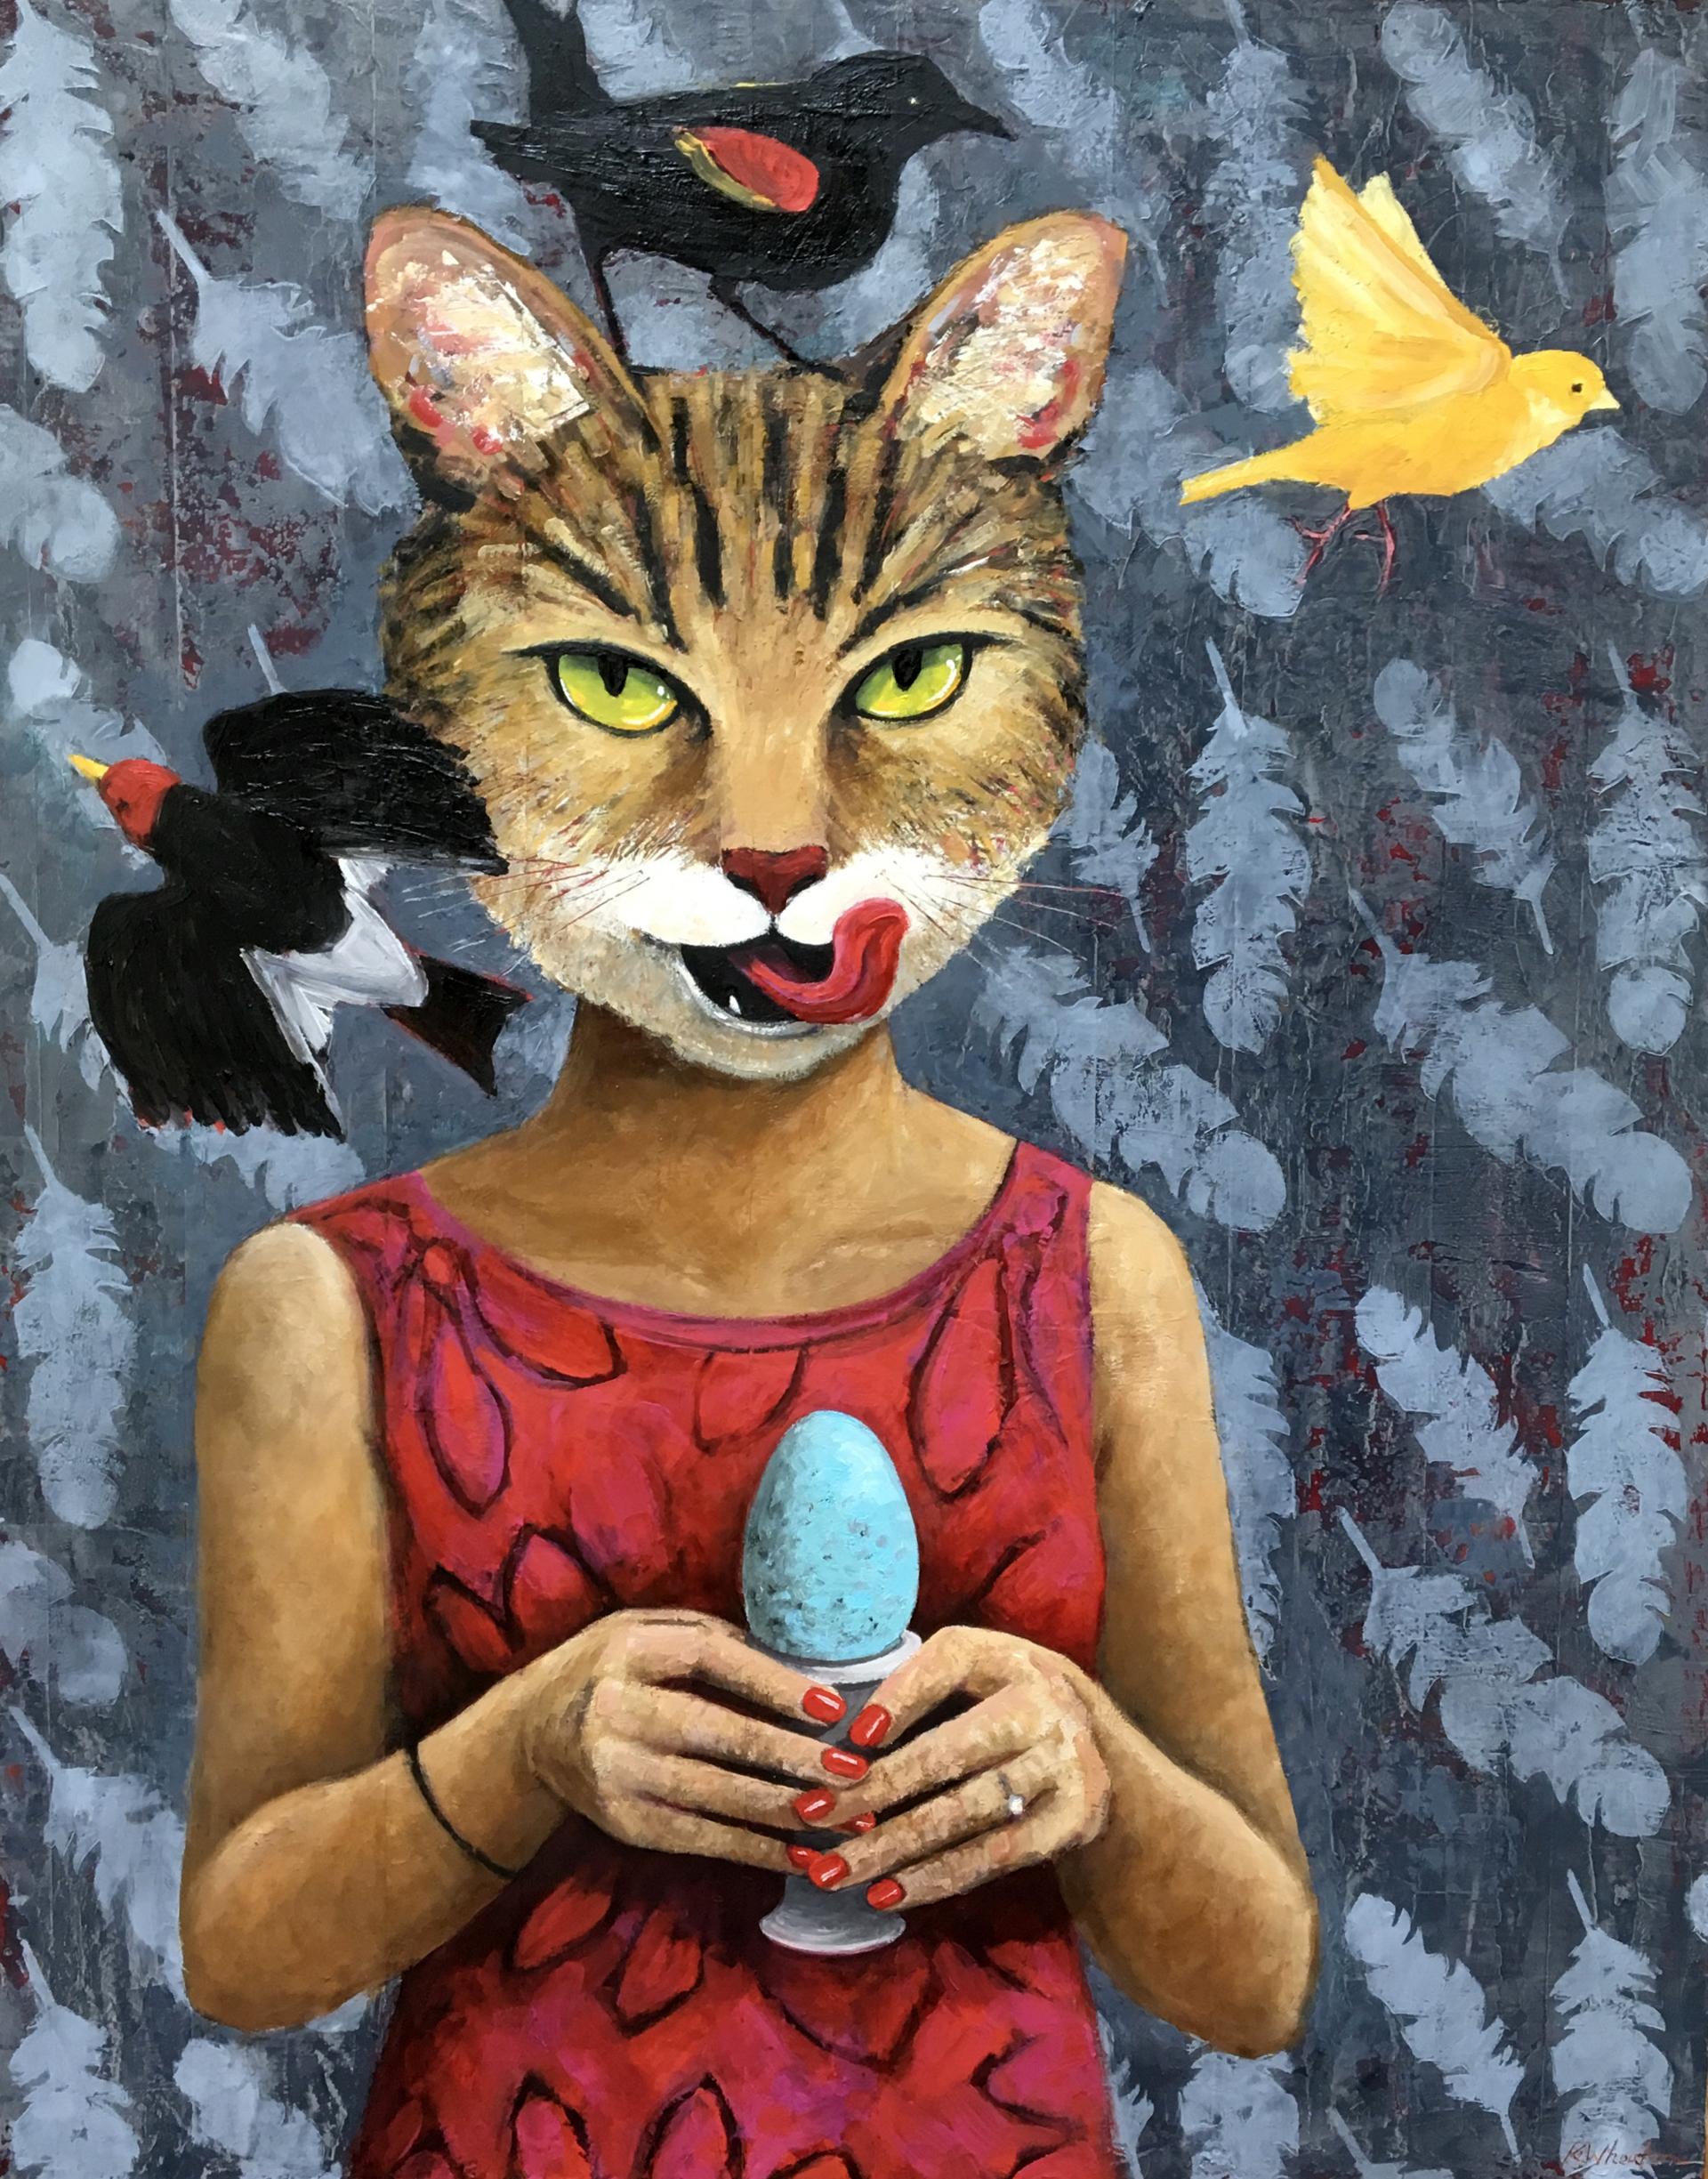 Bird Lover by Kimberly Wheaton